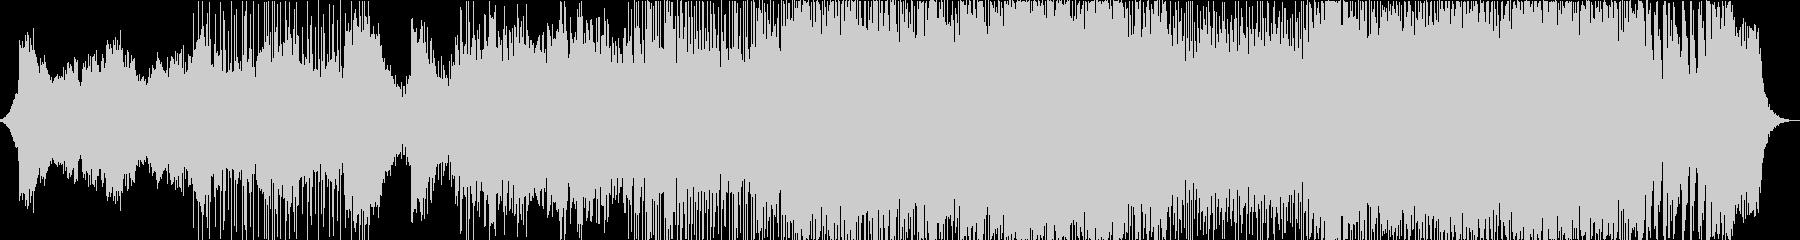 激しいメタル調のオーケストラバトルBGMの未再生の波形